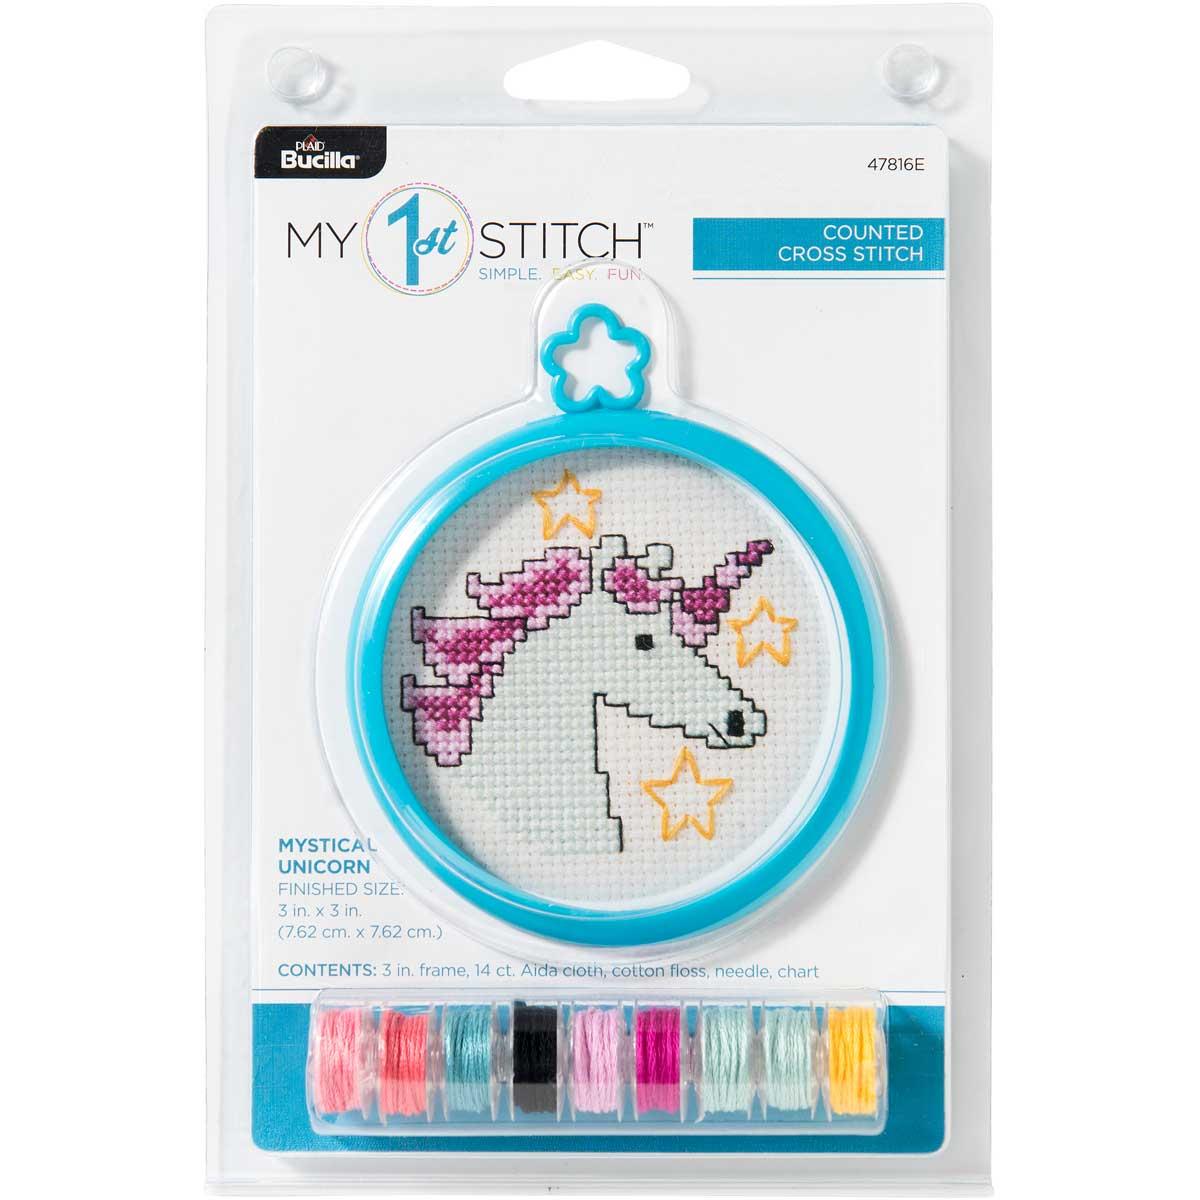 Bucilla ® My 1st Stitch™ - Counted Cross Stitch Kits - Mini - Mystical Unicorn - 47816E